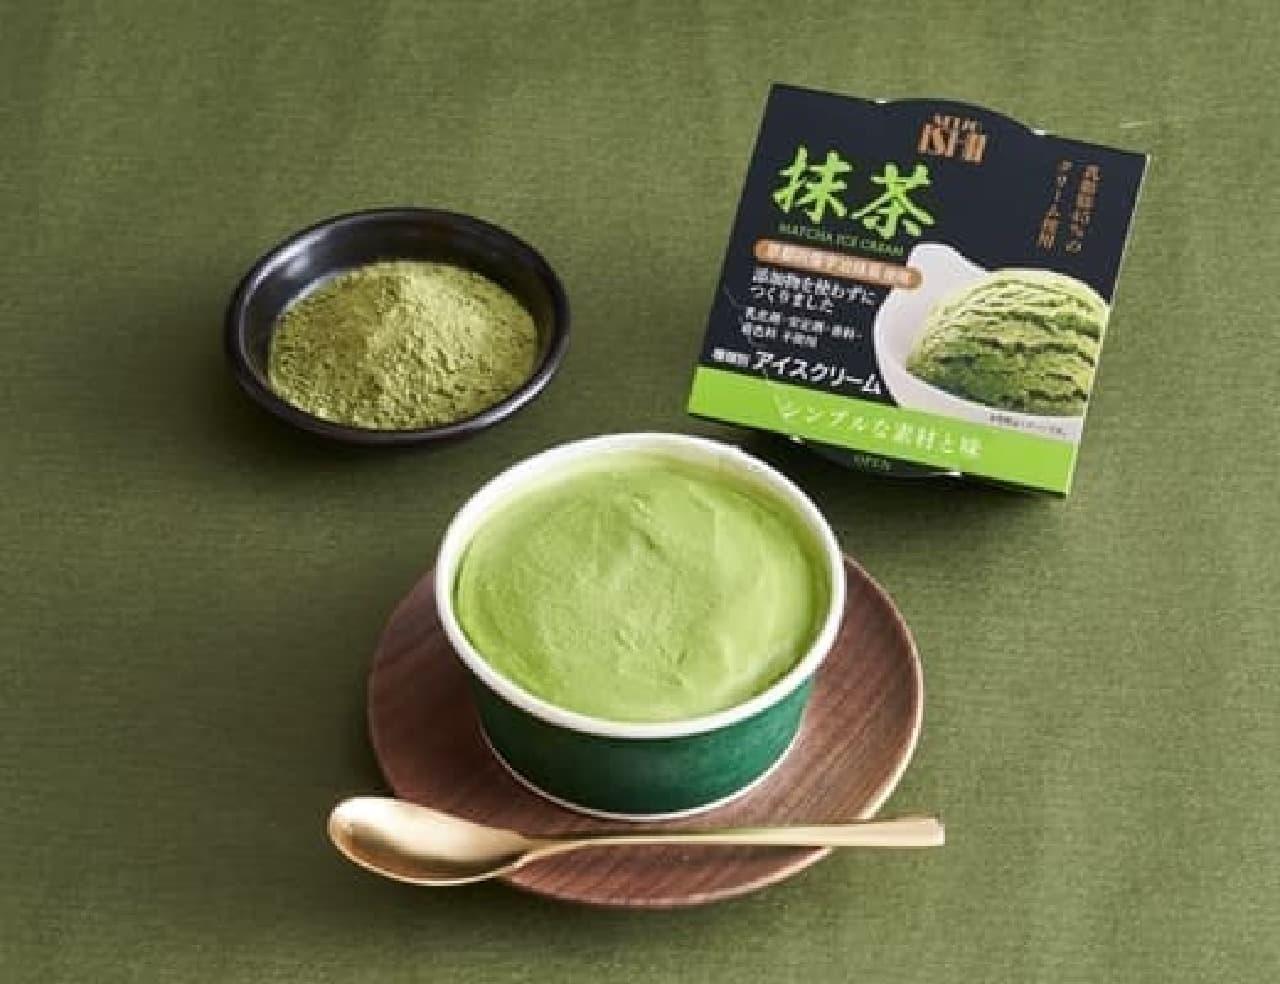 成城石井 抹茶アイス